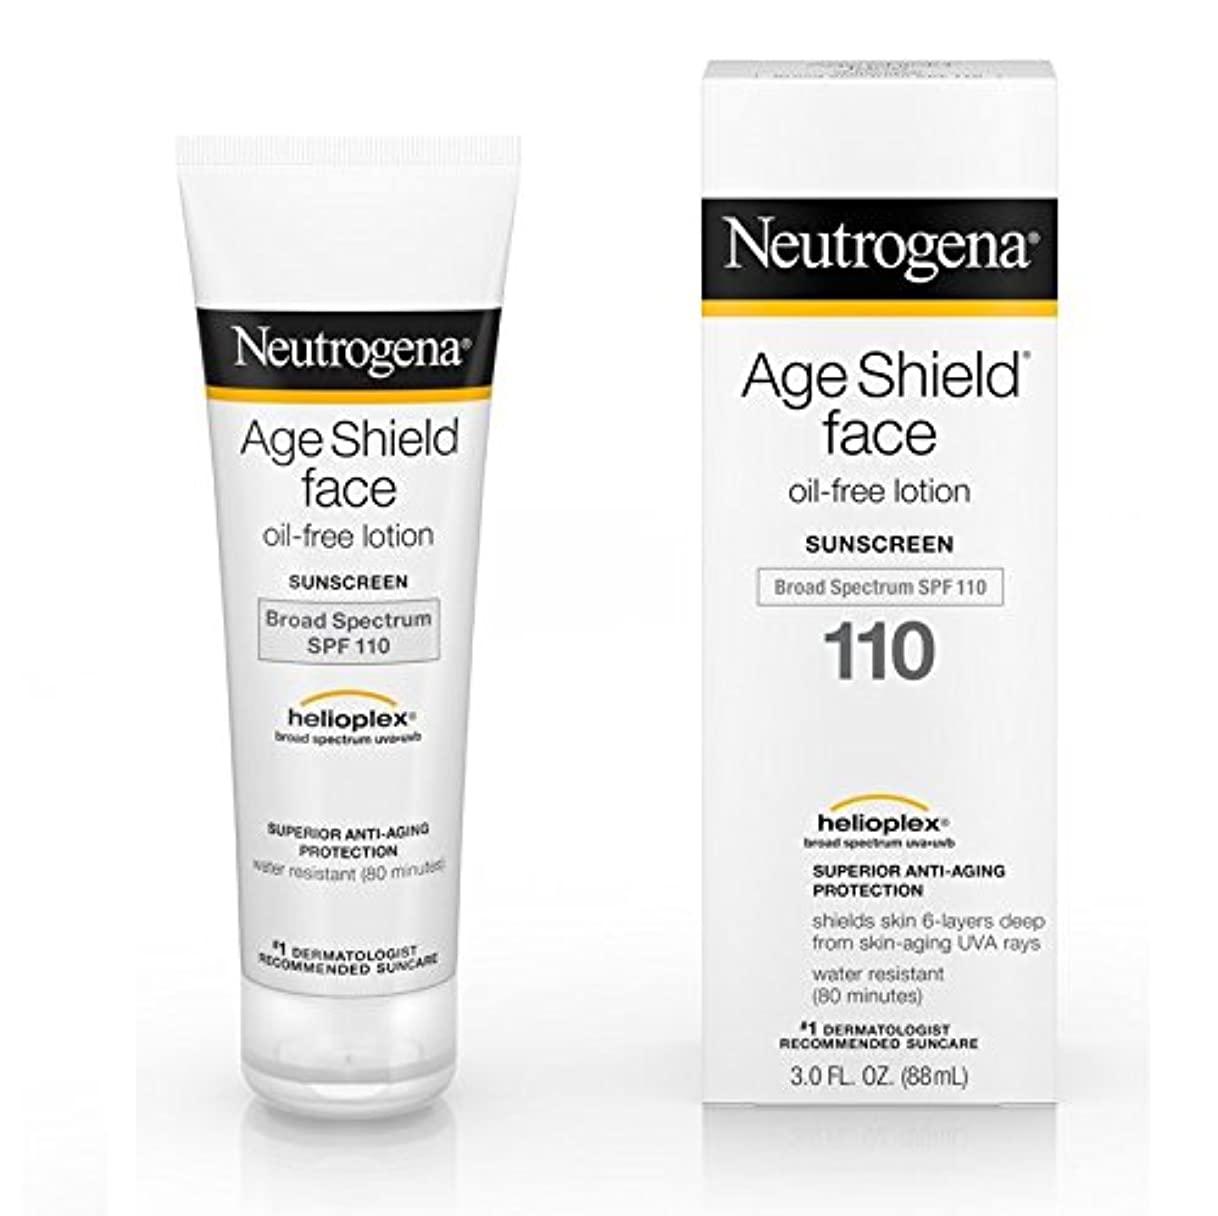 ためにジャニス回復【海外直送品】Neutrogena Age Shield® Face Oil-Free Lotion Sunscreen Broad Spectrum SPF 110 - 3 FL OZ(88ml)